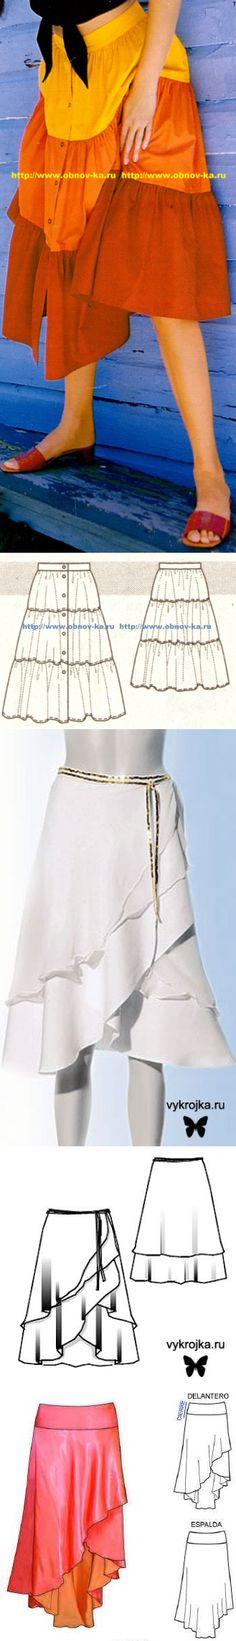 Шьем сами. Красивые летние и пляжные юбки — Рукоделие